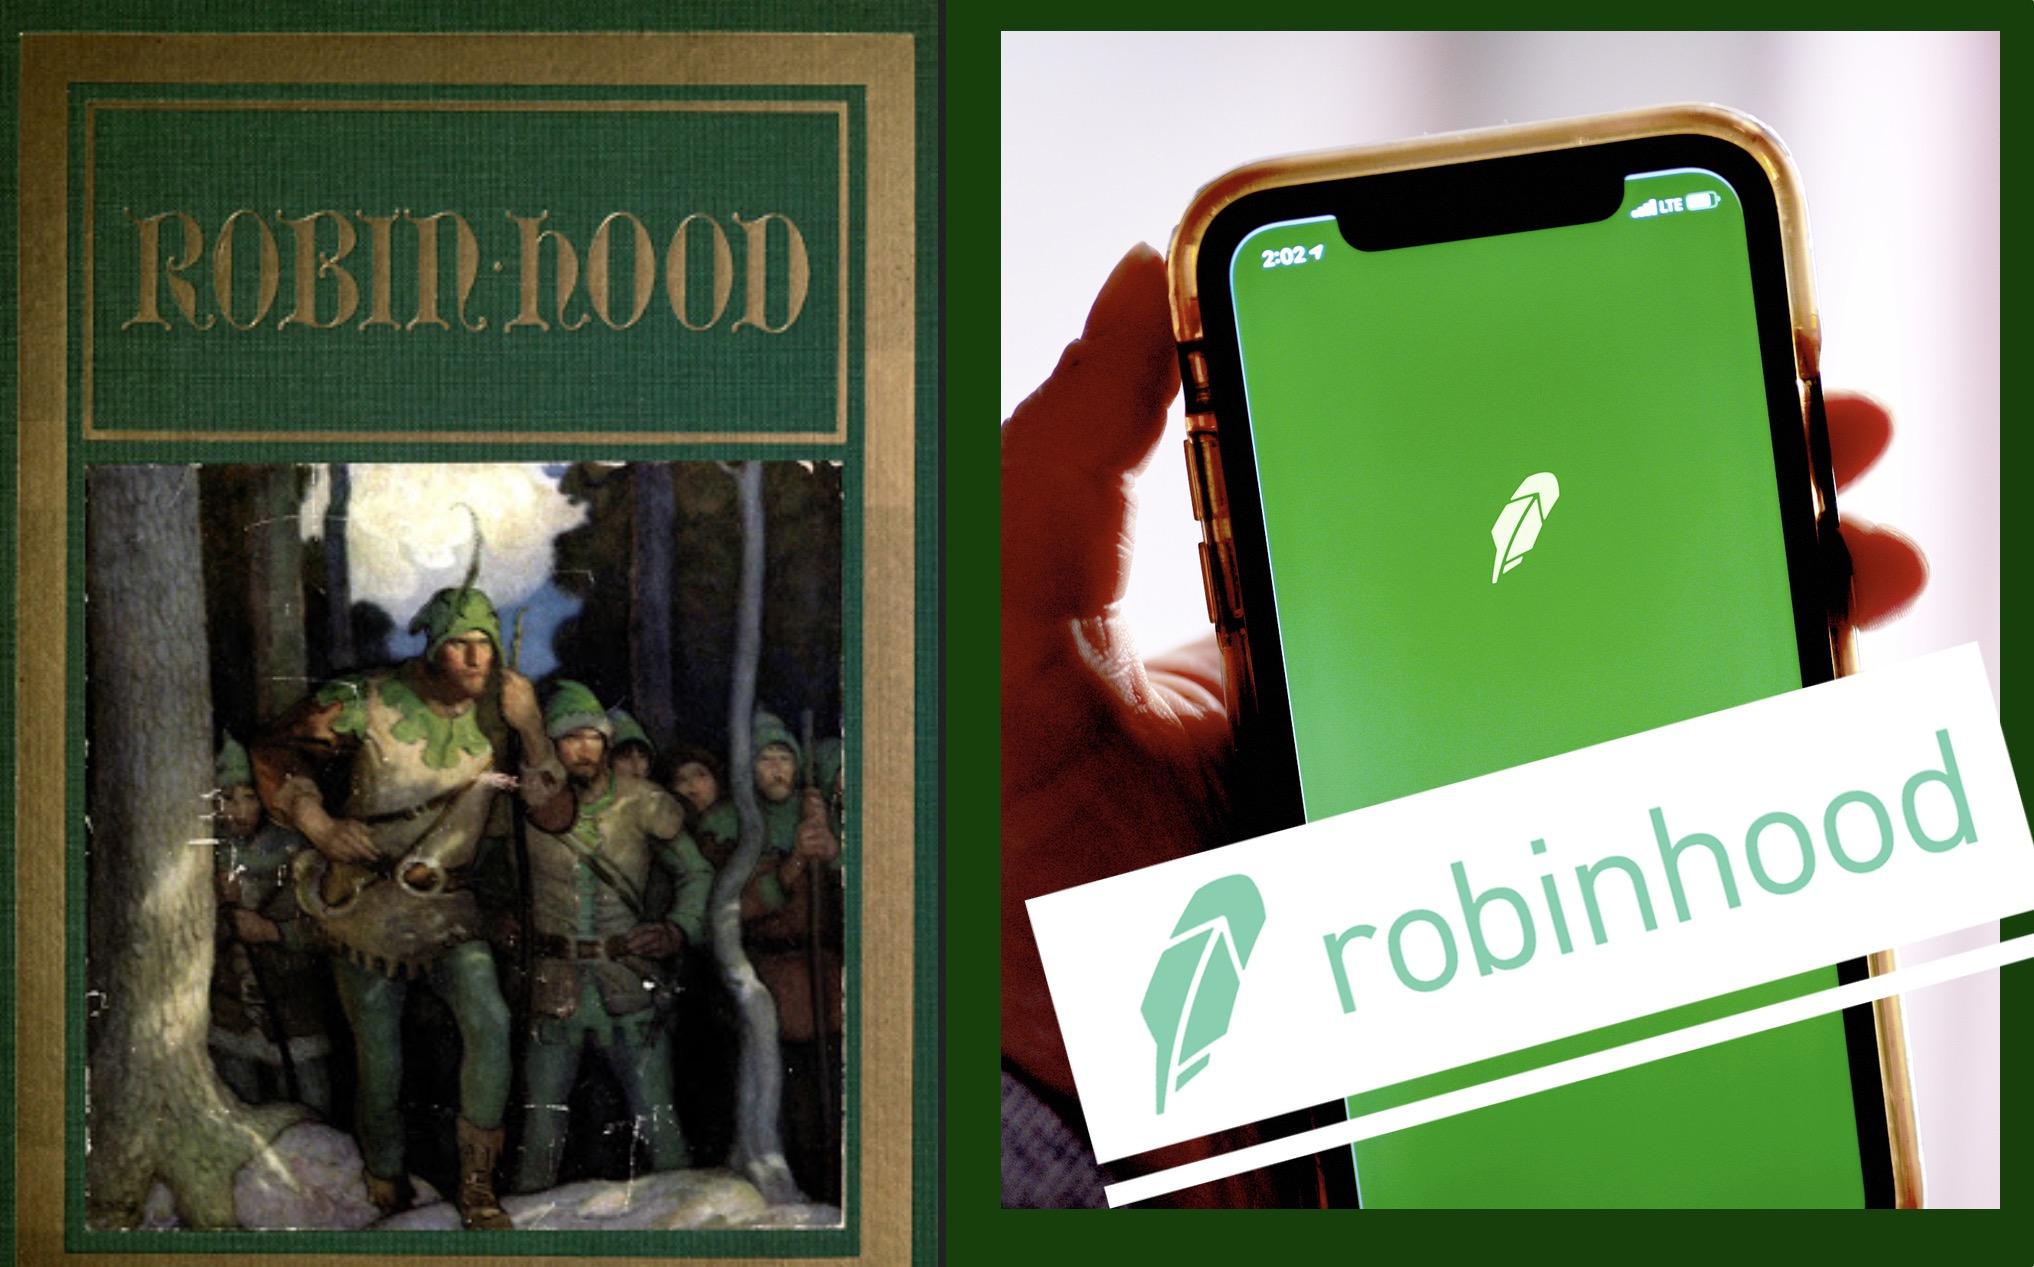 On Twitter, many follow robinhood en masse not realizing it's The ...